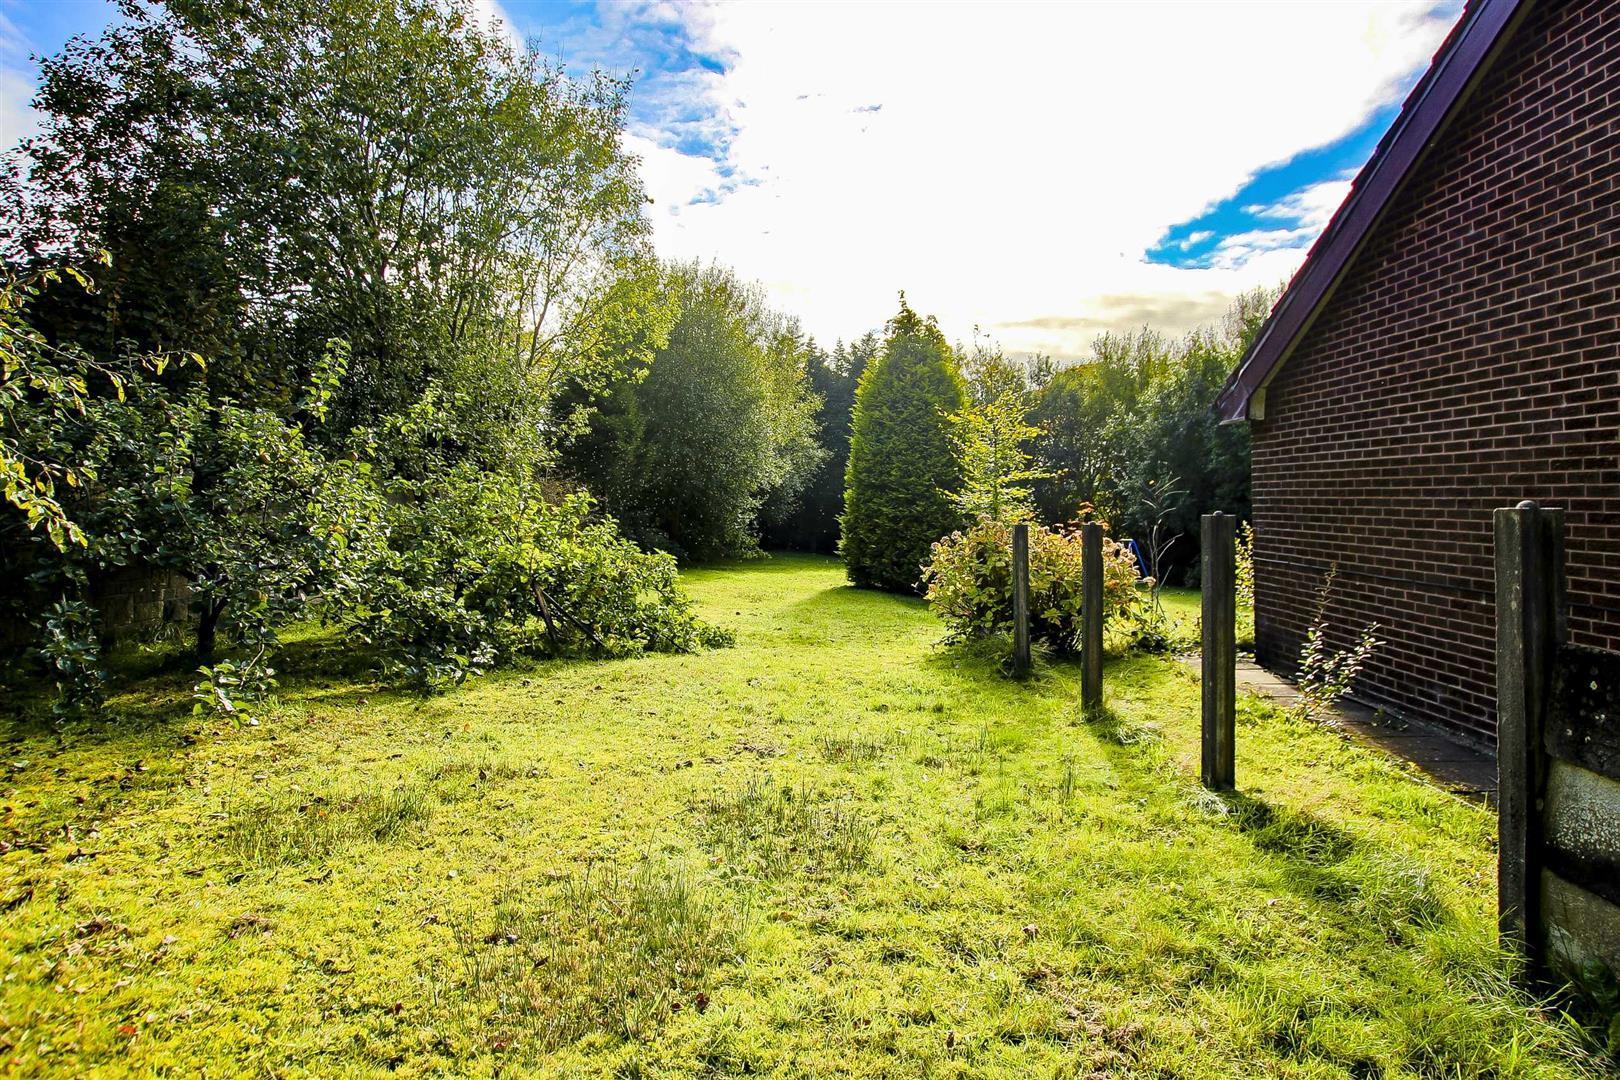 5 Bedroom Building Plot Land For Sale - Image 10